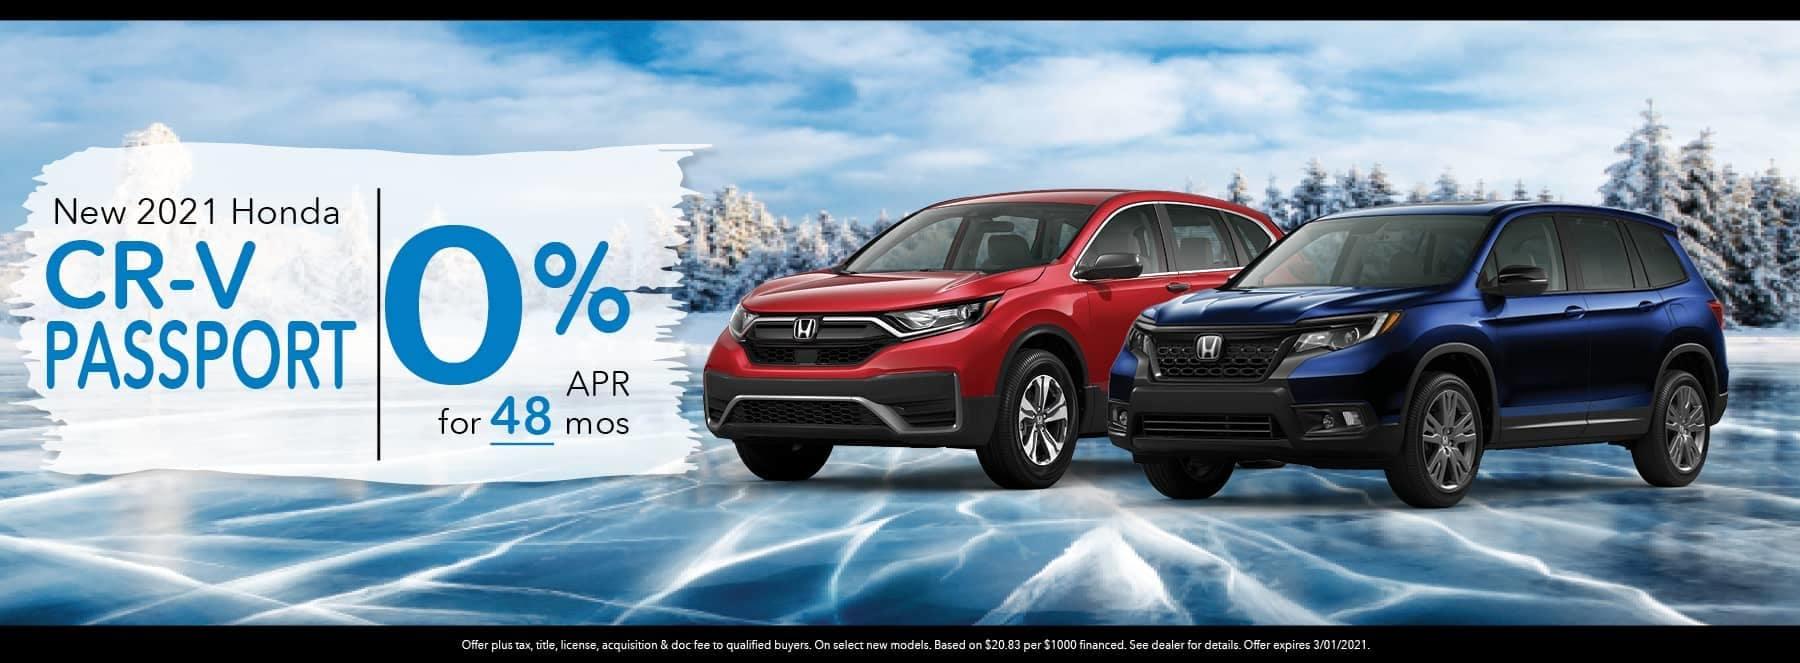 New 2021 Honda CR-V Passport - 0% APR for 48 Months